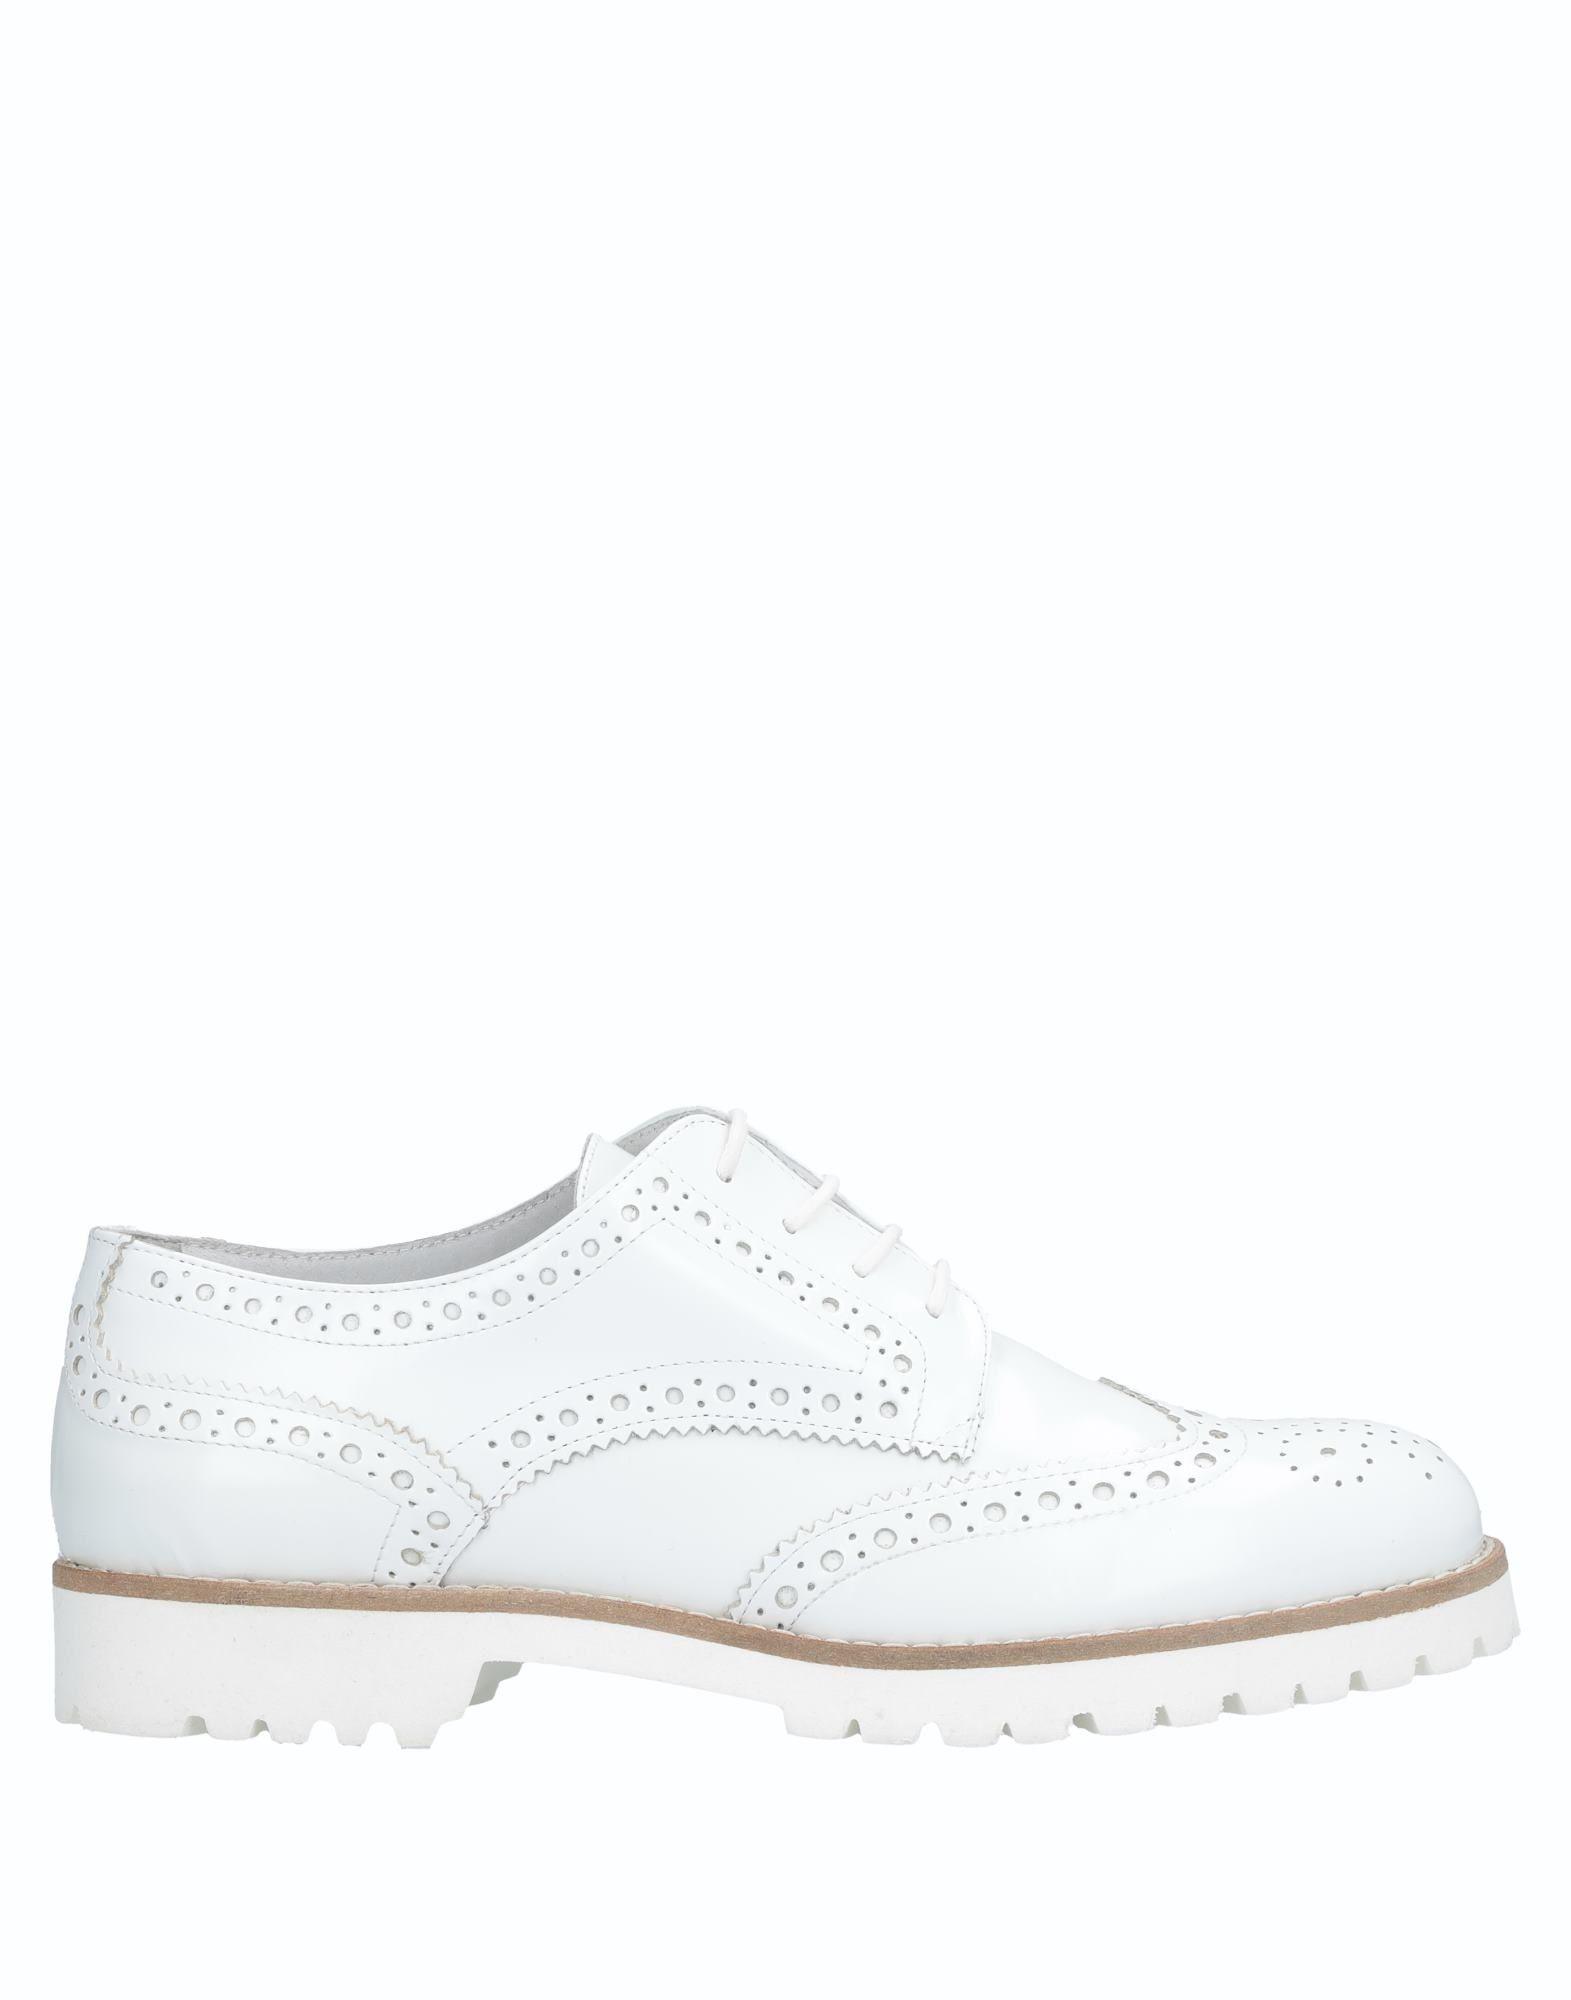 Günstige und modische Schuhe Vsl Schnürschuhe Damen  11537858VU